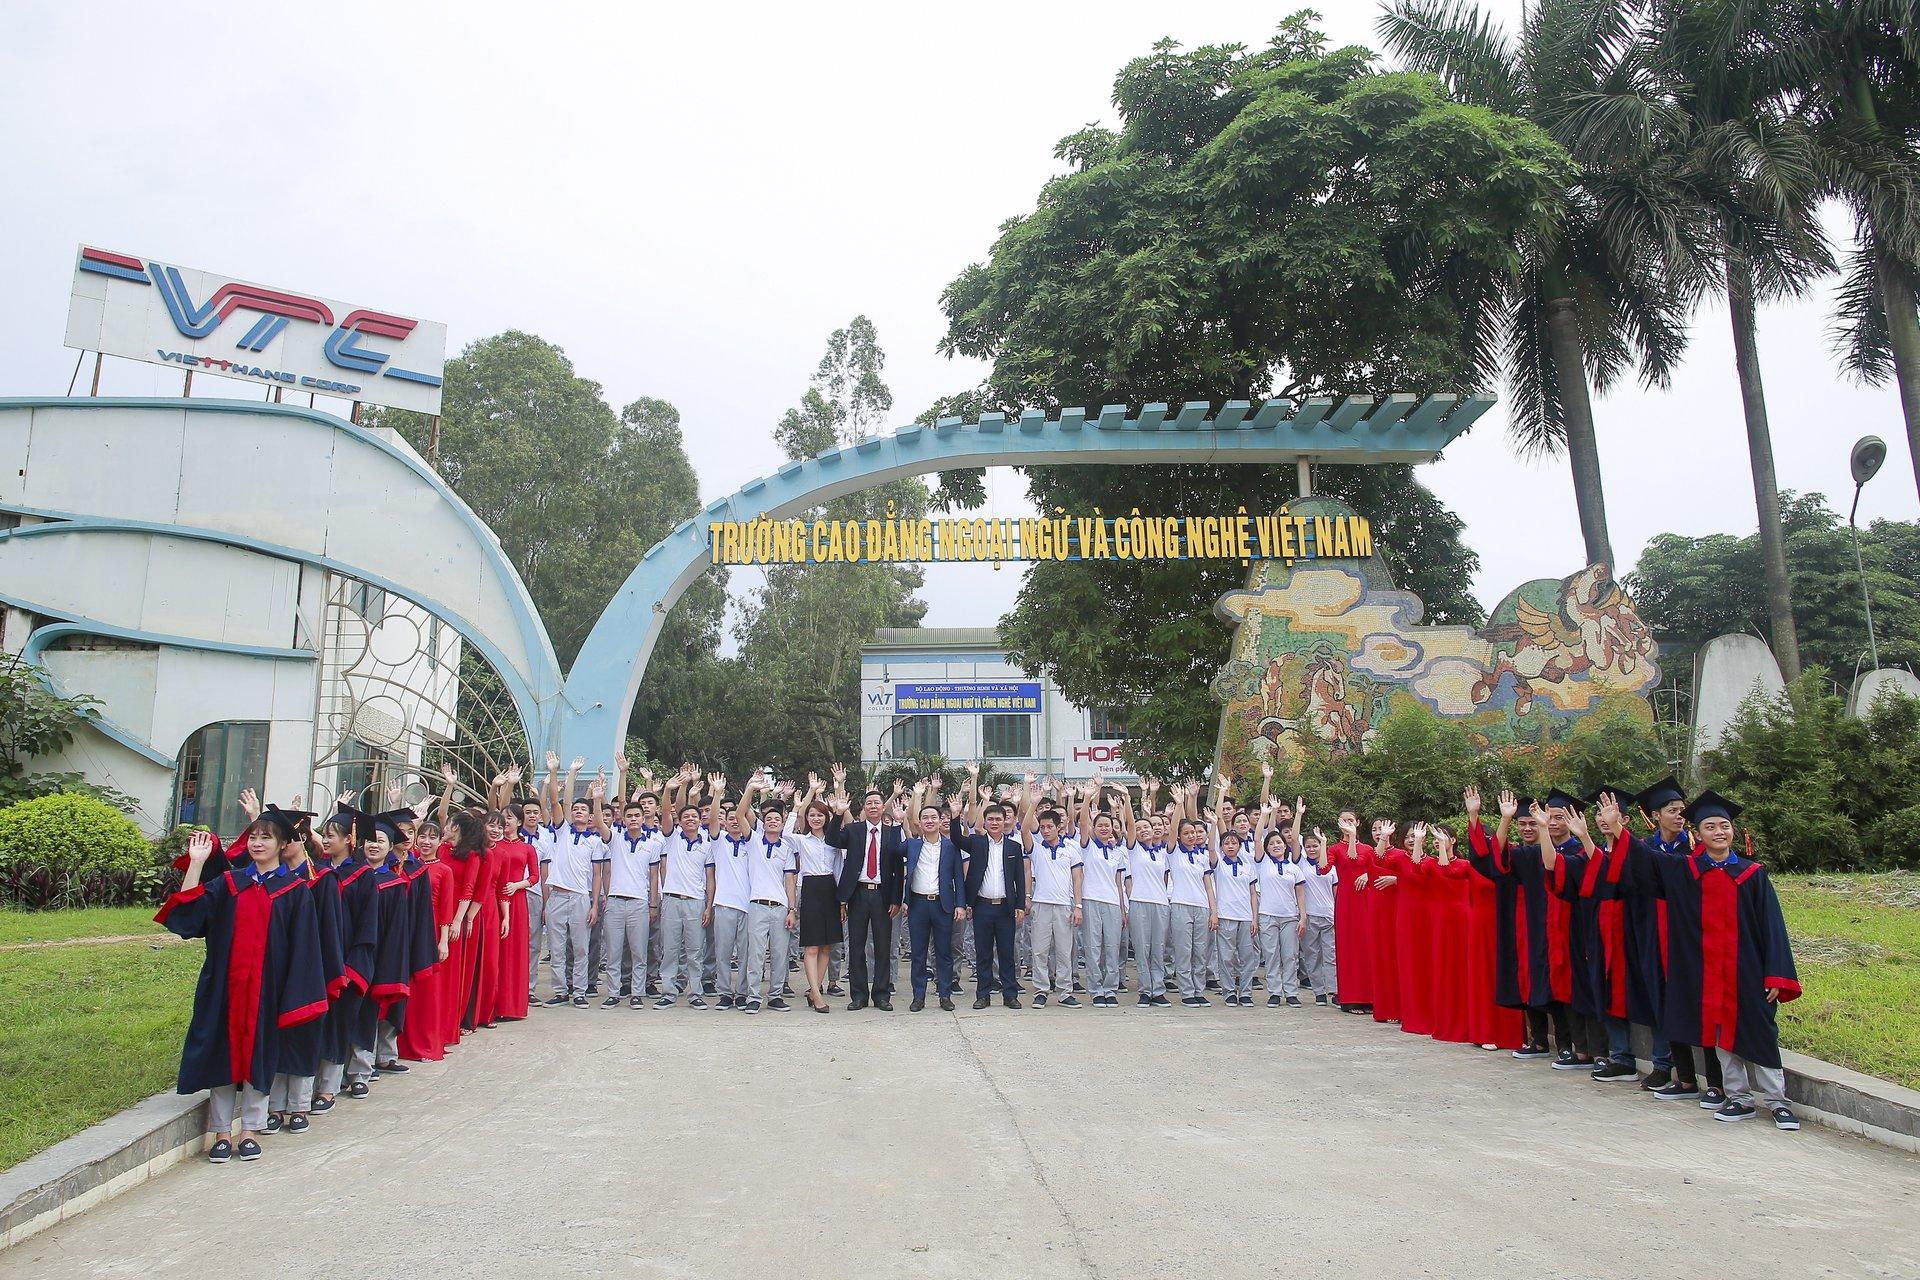 Học văn bằng 2 tiếng Hàn hệ cao đẳng tại Cao đẳng ngoại ngữ và công nghệ Việt Nam